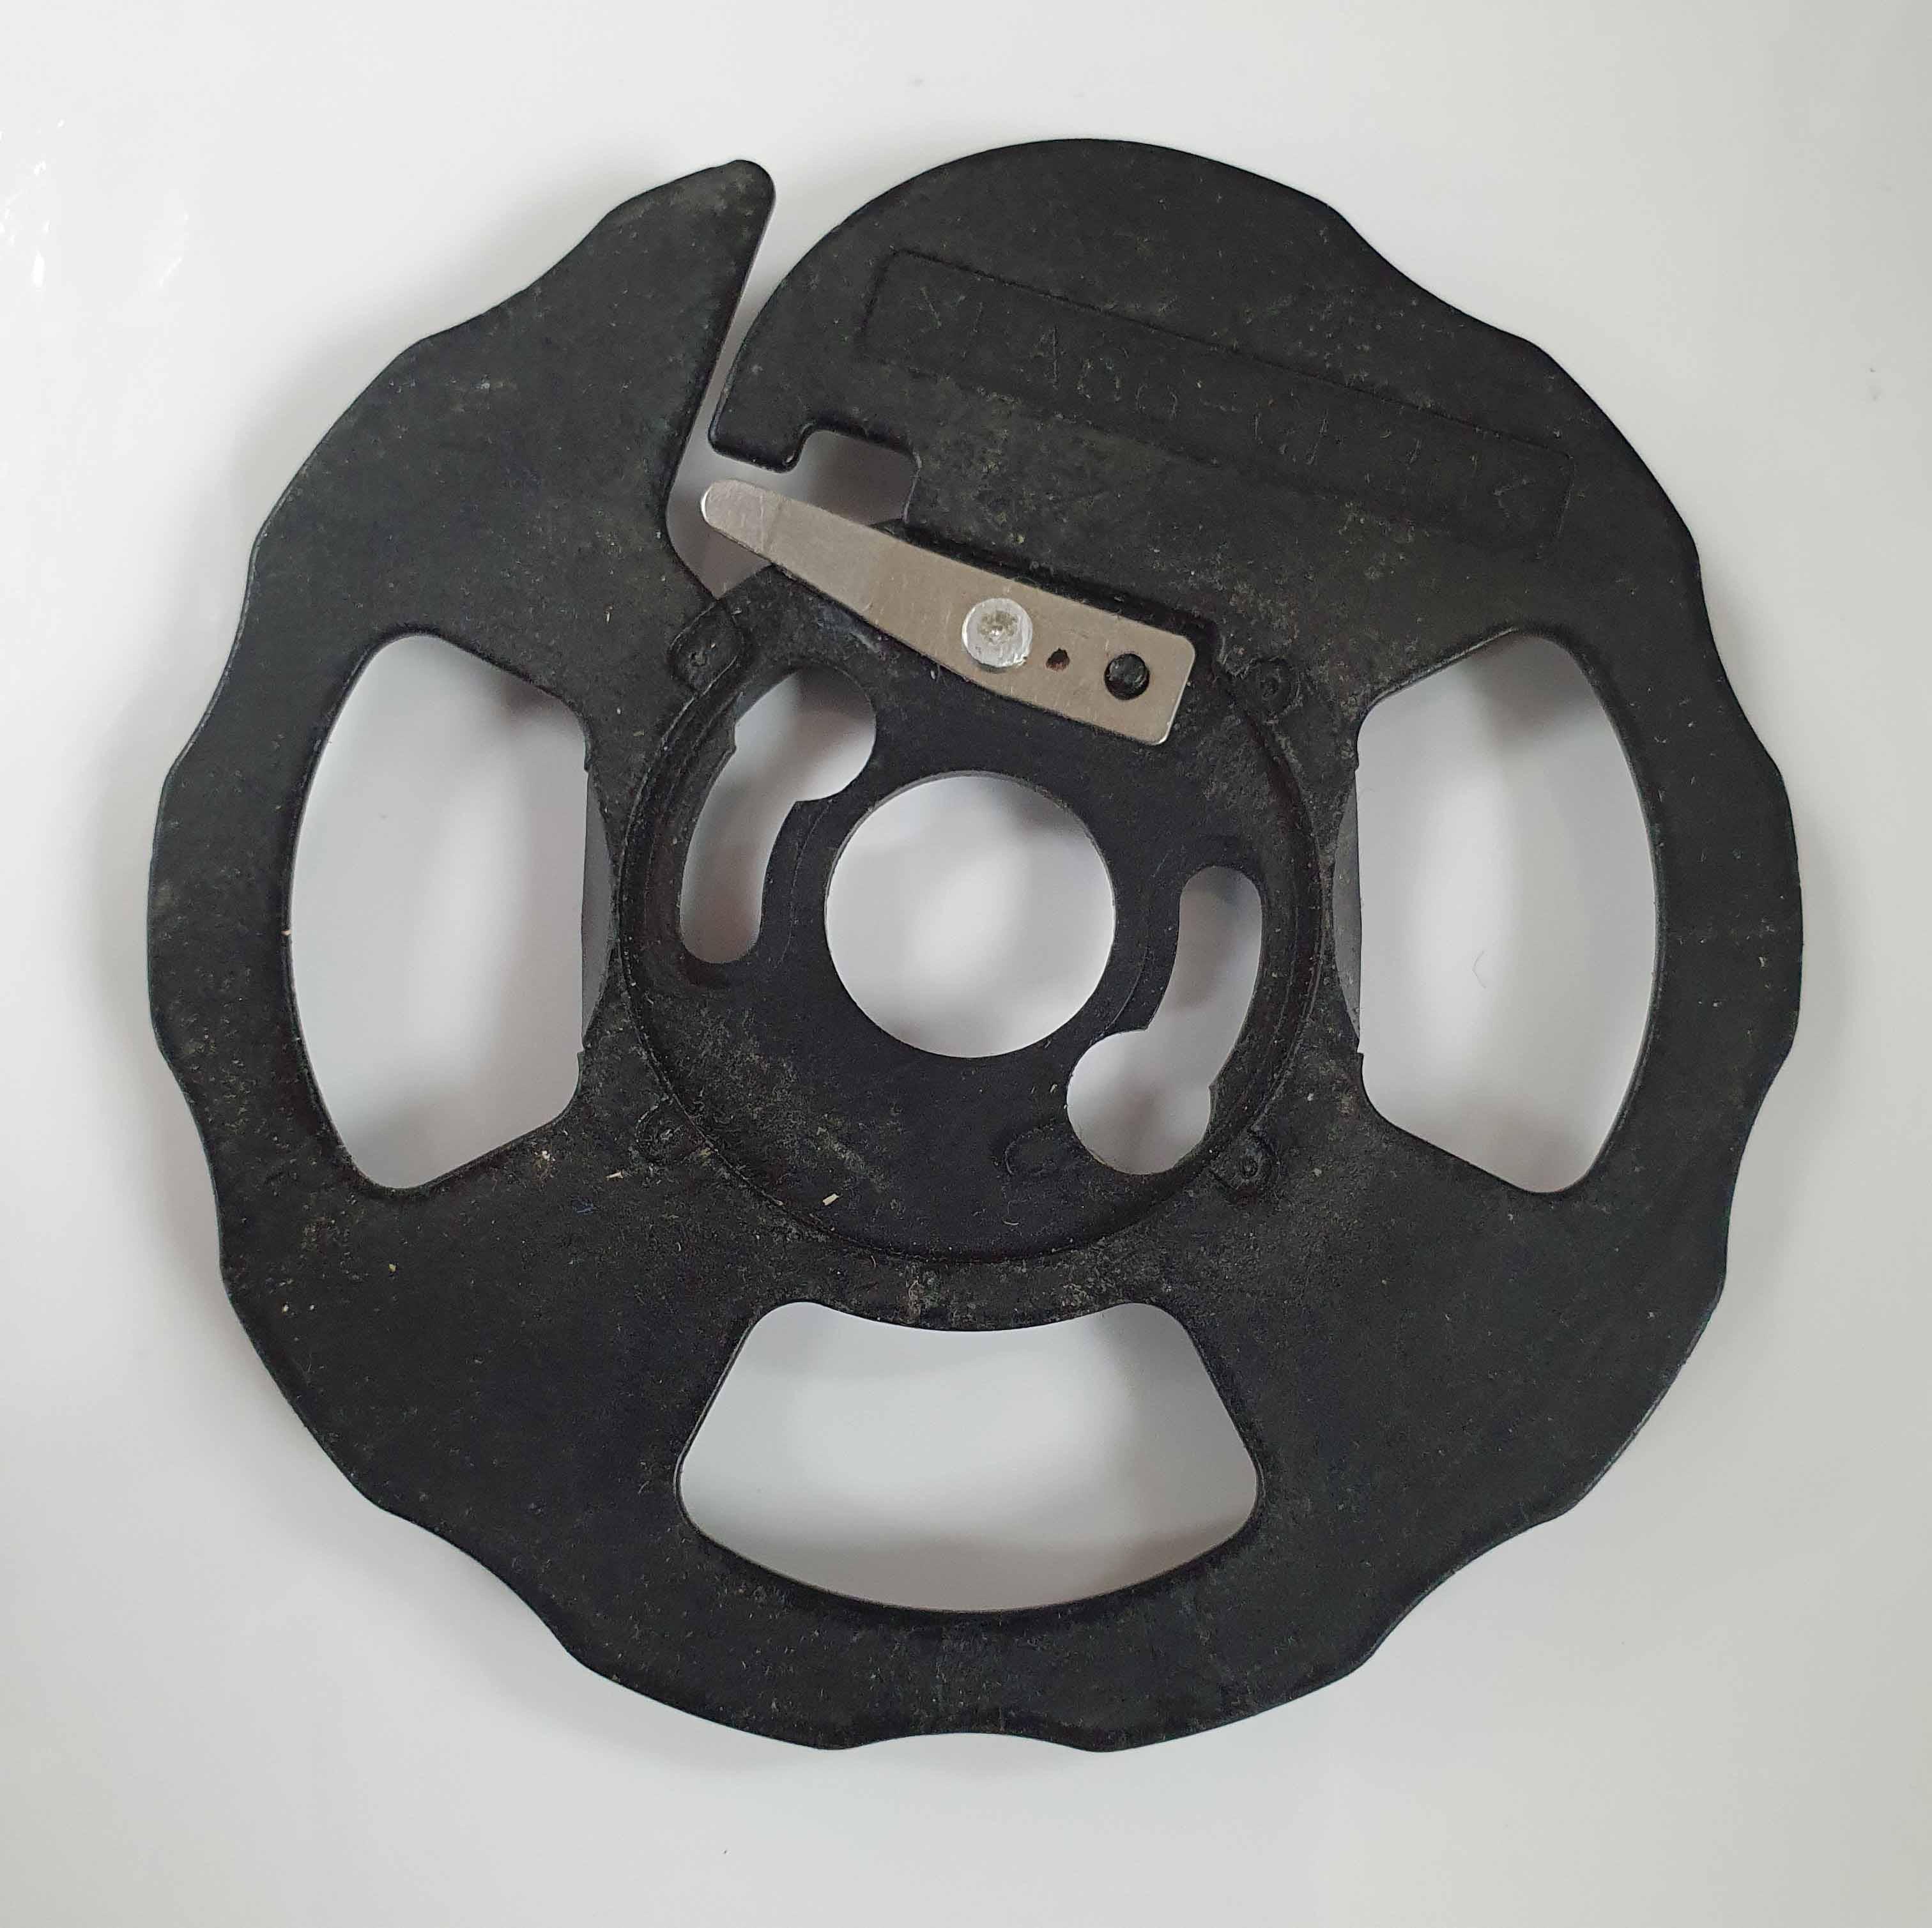 Juki Fdr Tape Cover